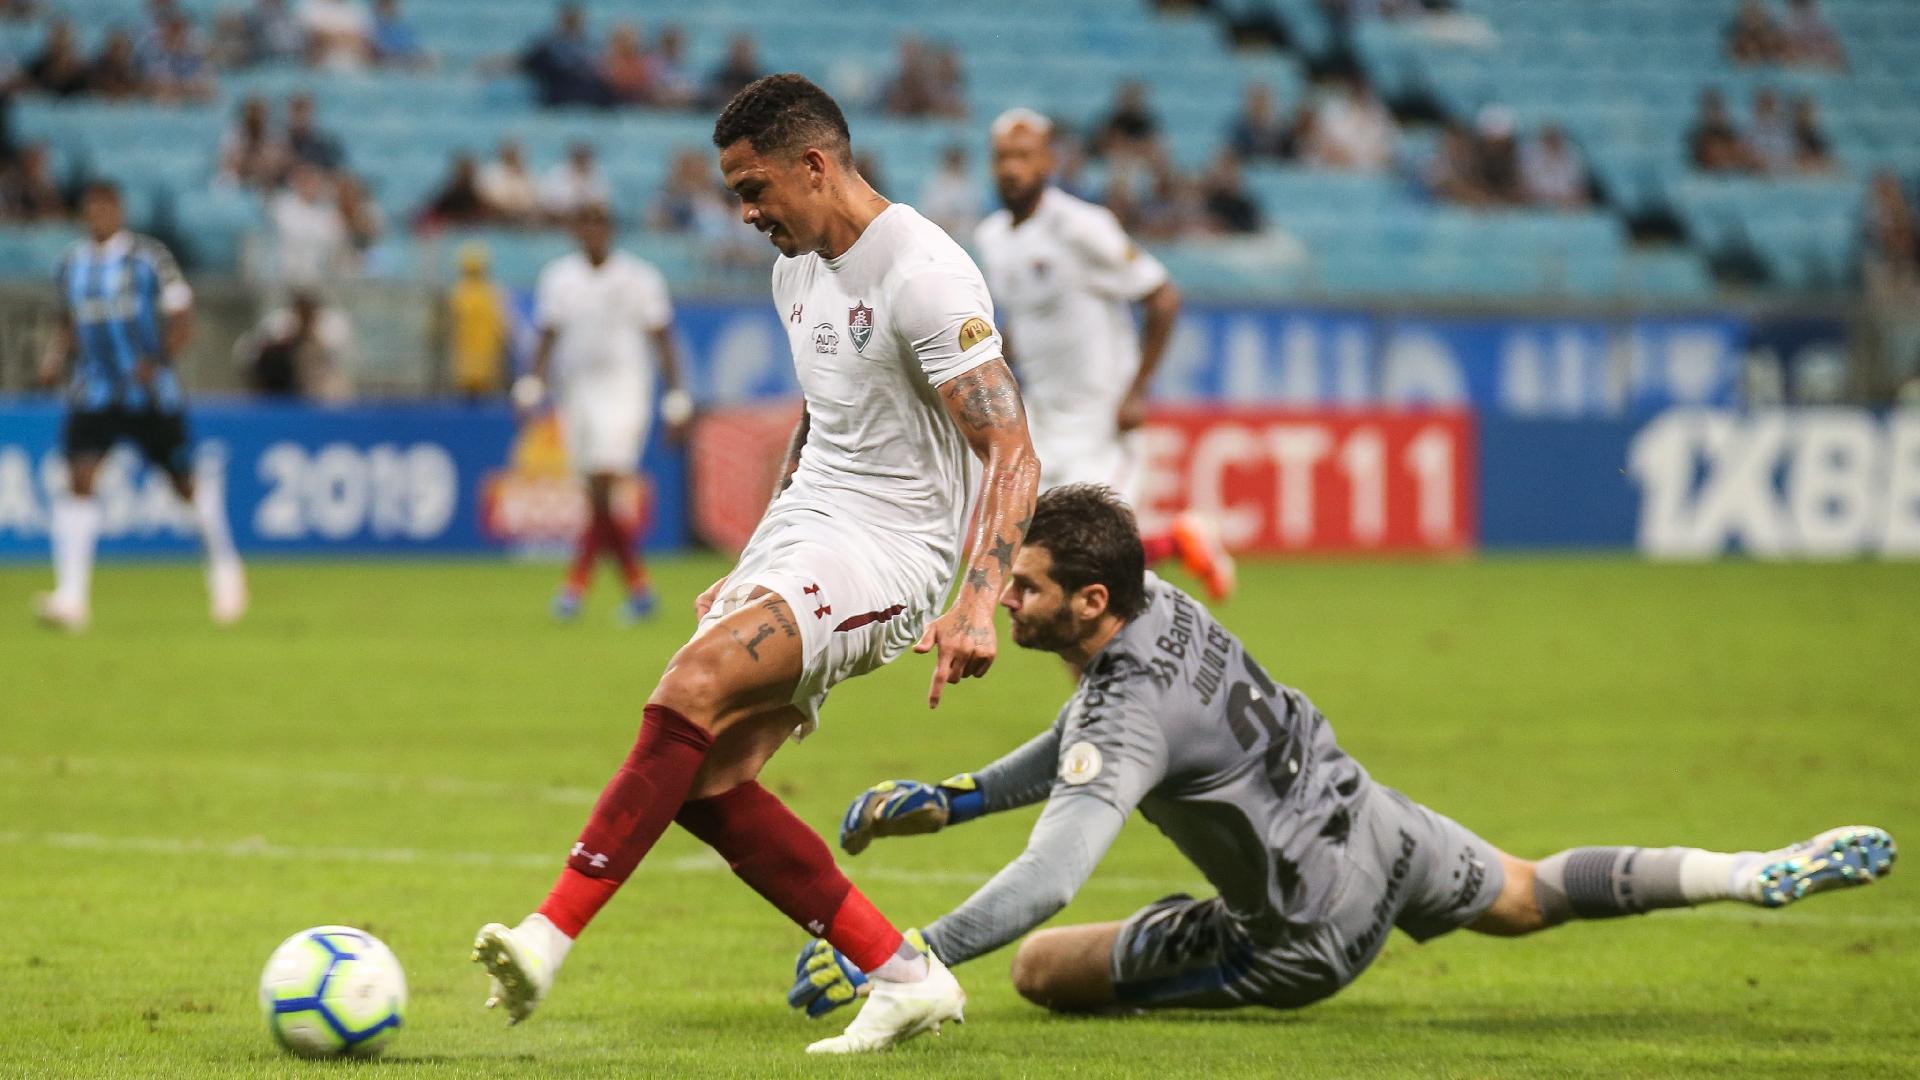 Luciano faz segundo gol do Fluminense após falha de Júlio César